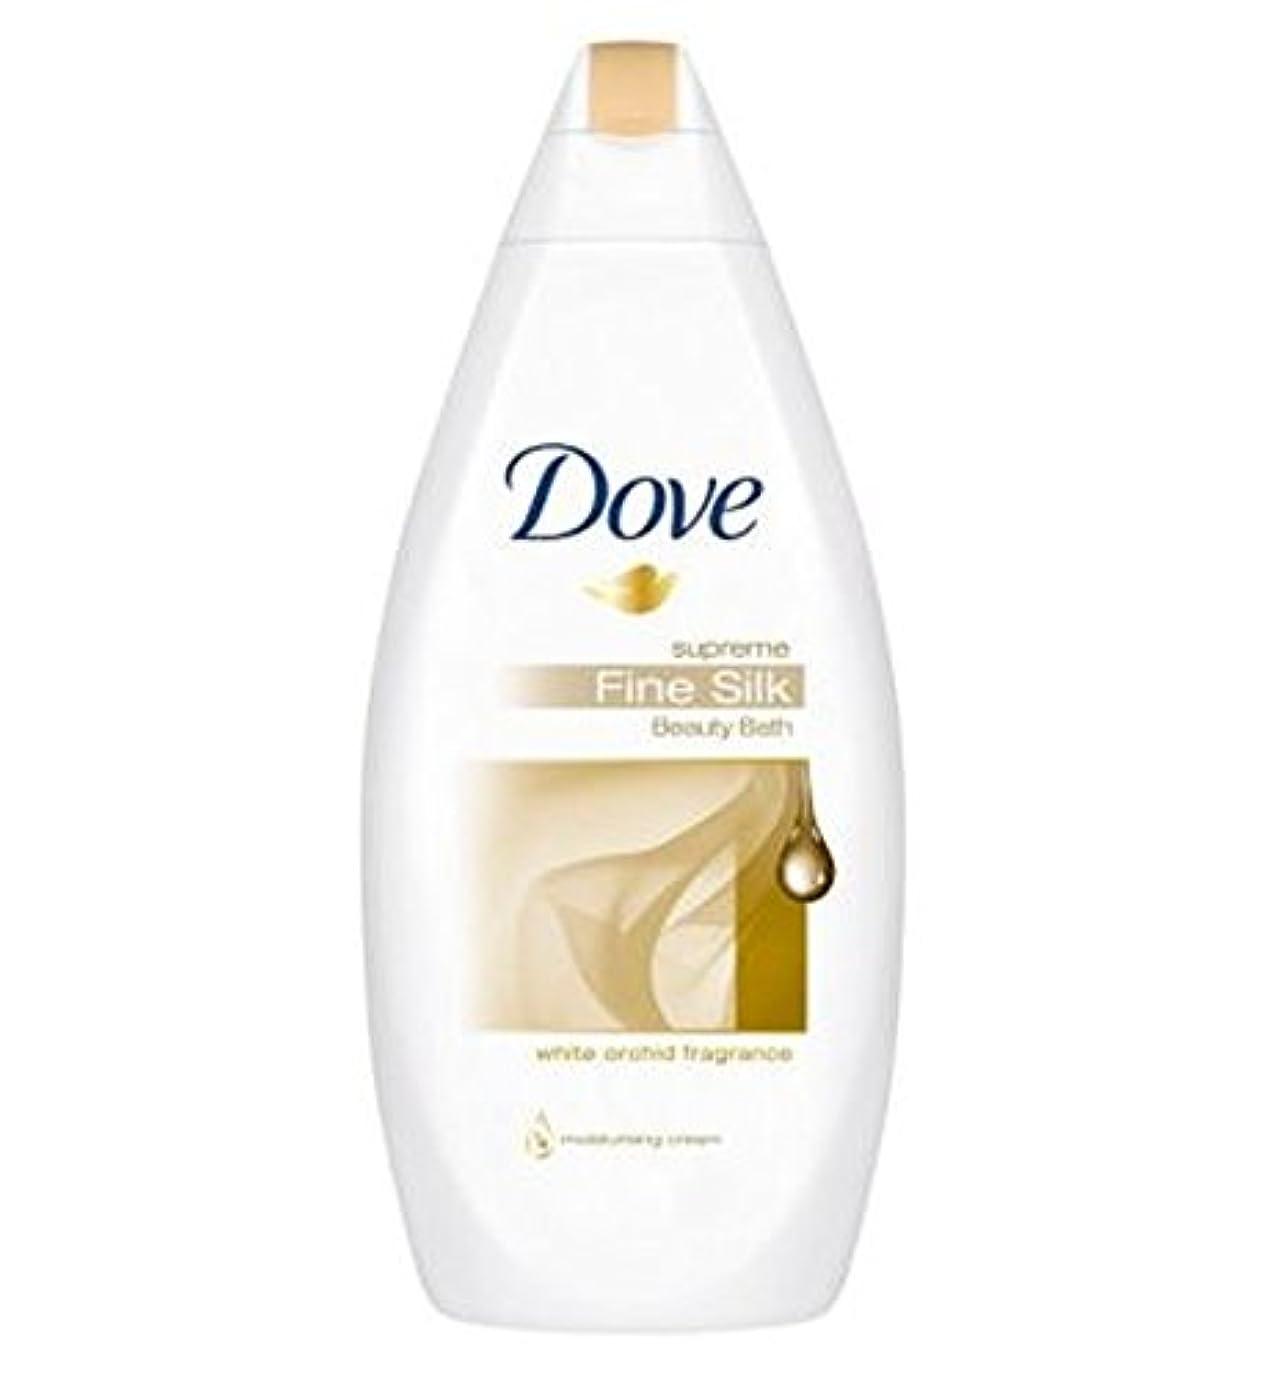 座る永久やろう鳩最高の細かい絹クリームバスの500ミリリットル (Dove) (x2) - Dove Supreme Fine Silk Cream Bath 500ml (Pack of 2) [並行輸入品]